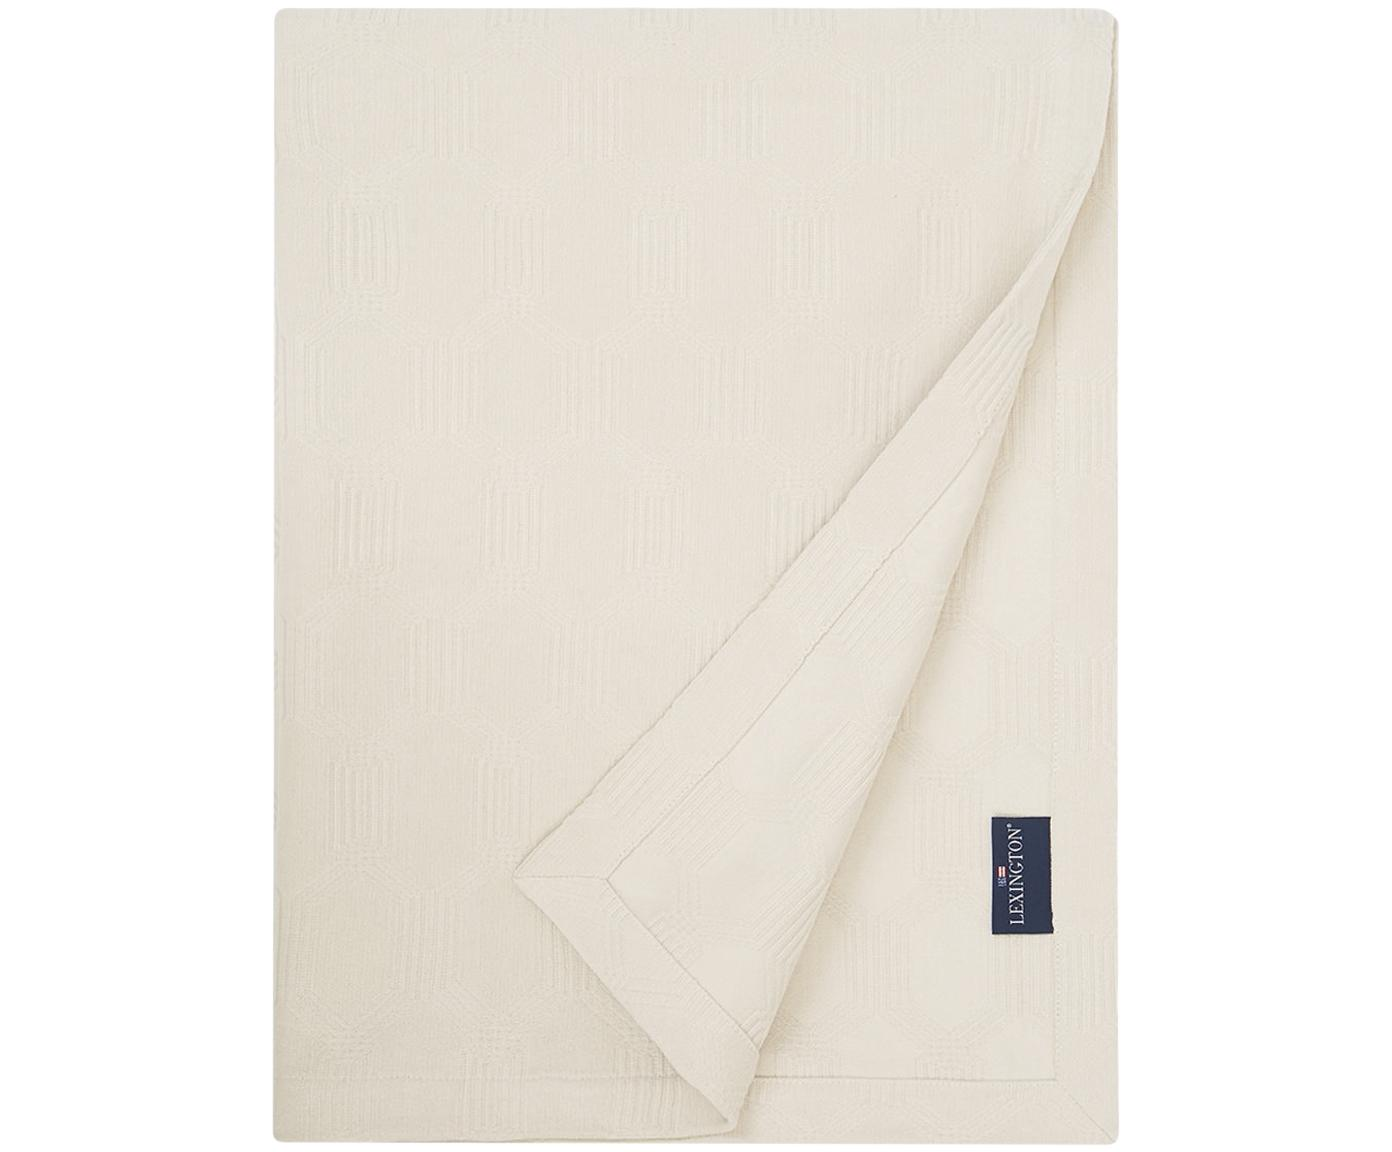 Fluwelen bedsprei Jacky in gebroken wit, Weeftechniek: jacquard, Gebroken wit, 160 x 240 cm